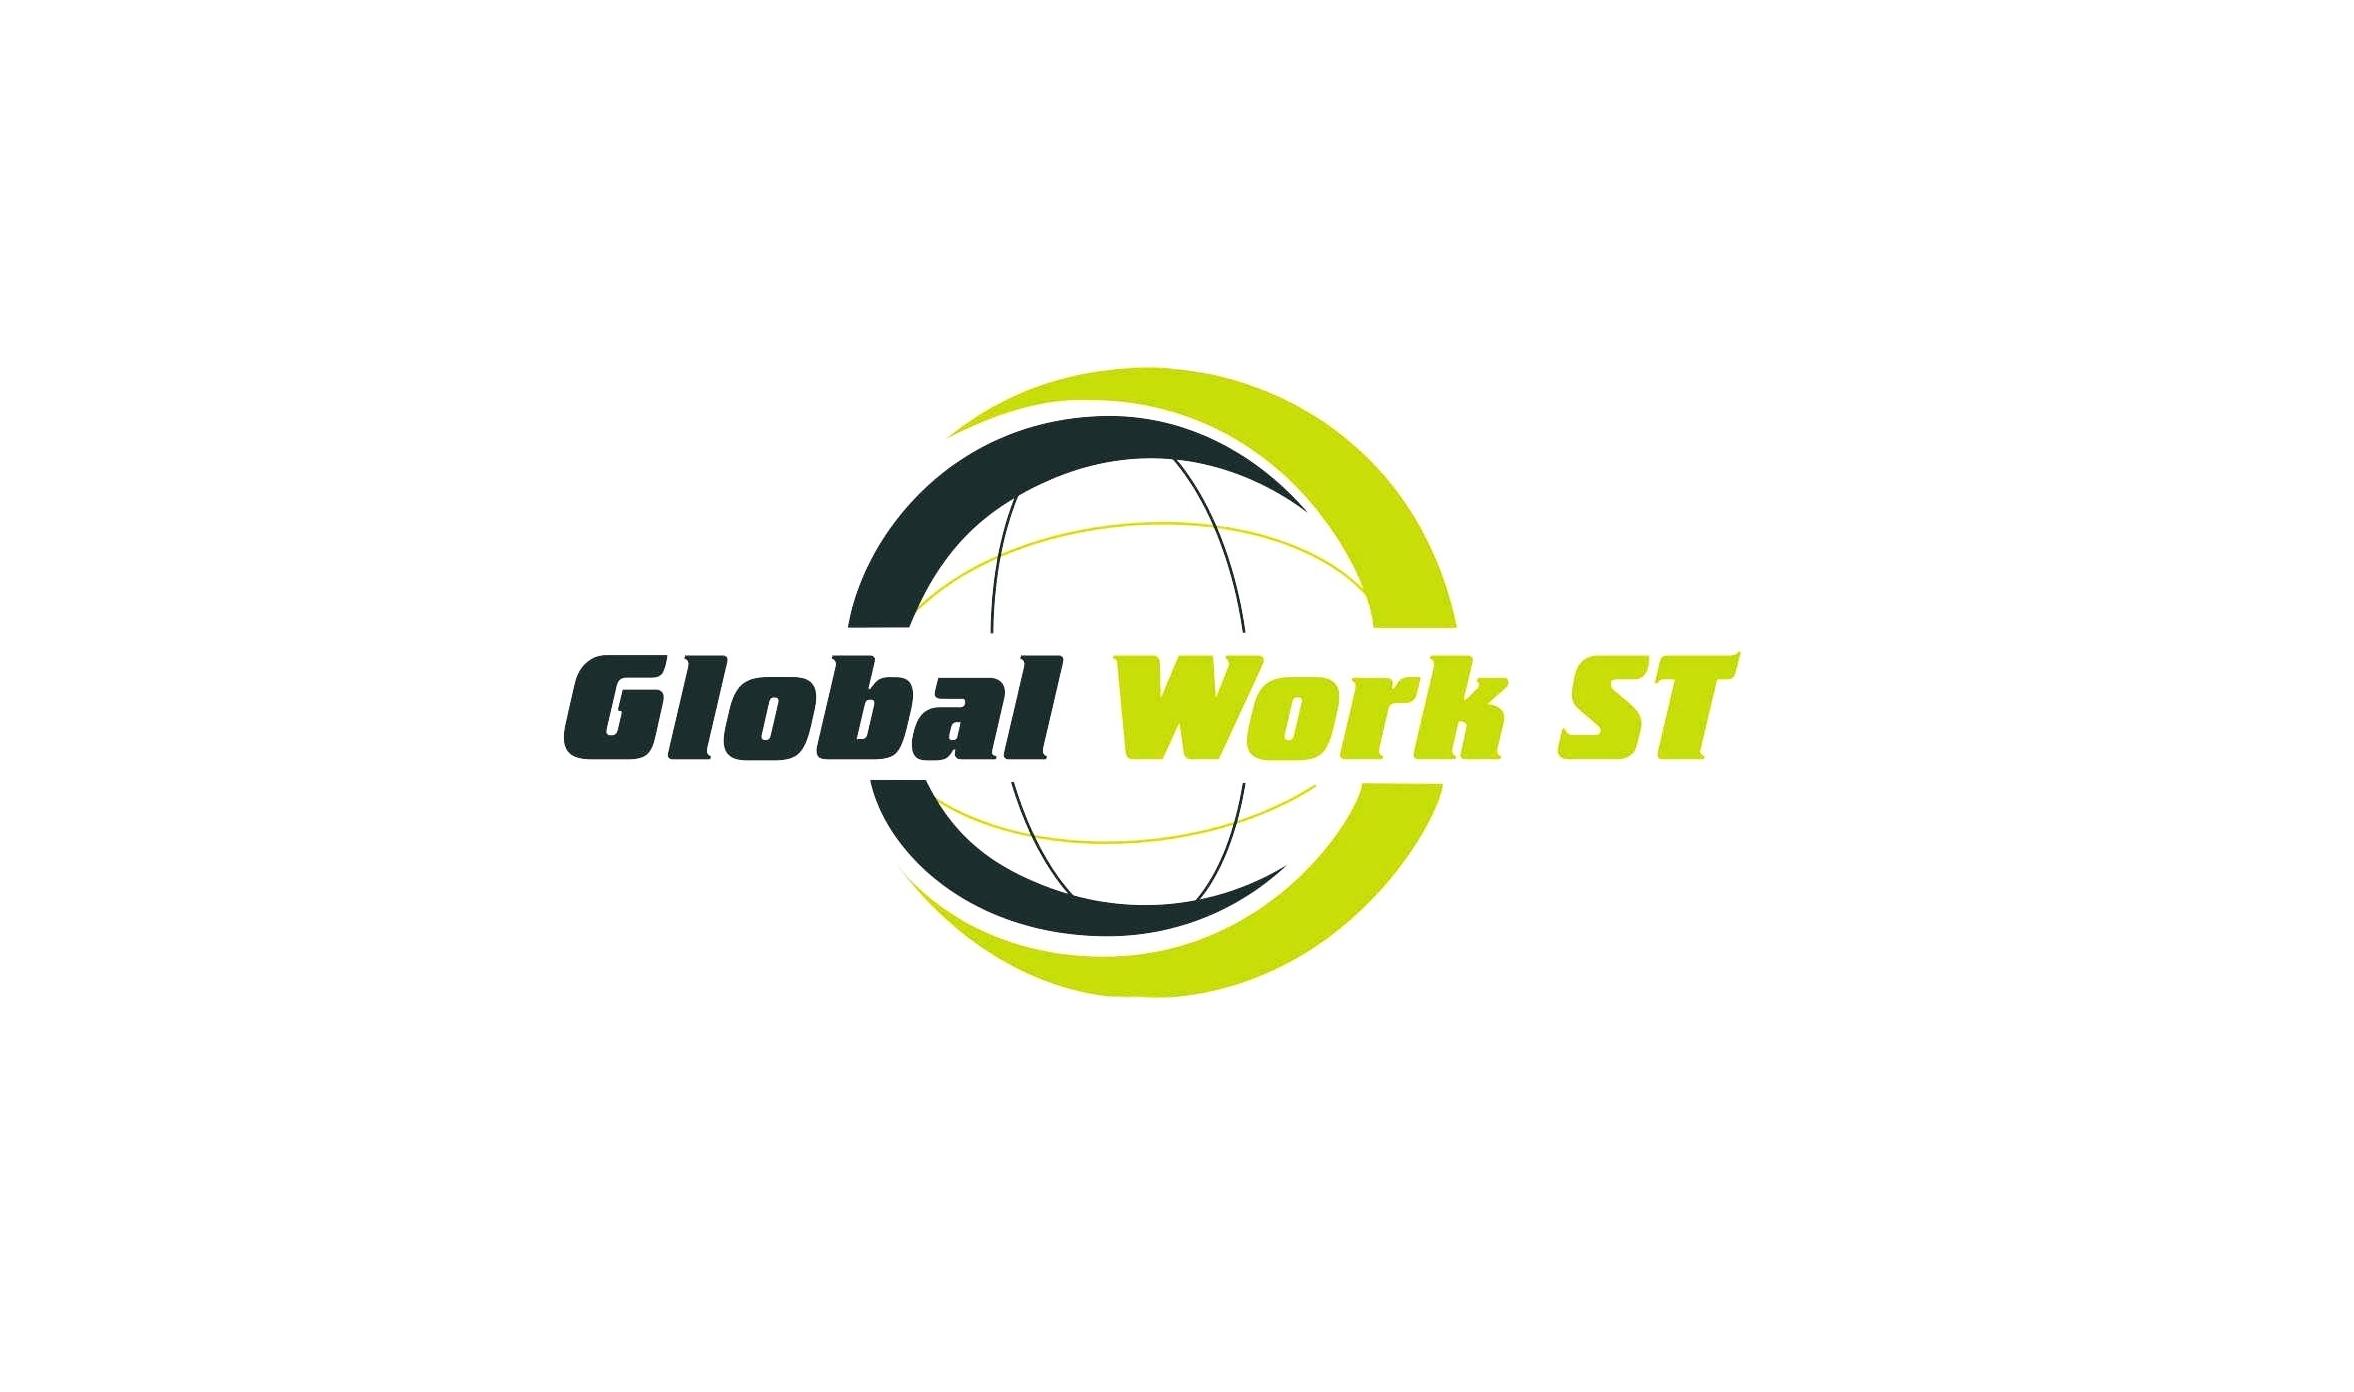 Global Work ST